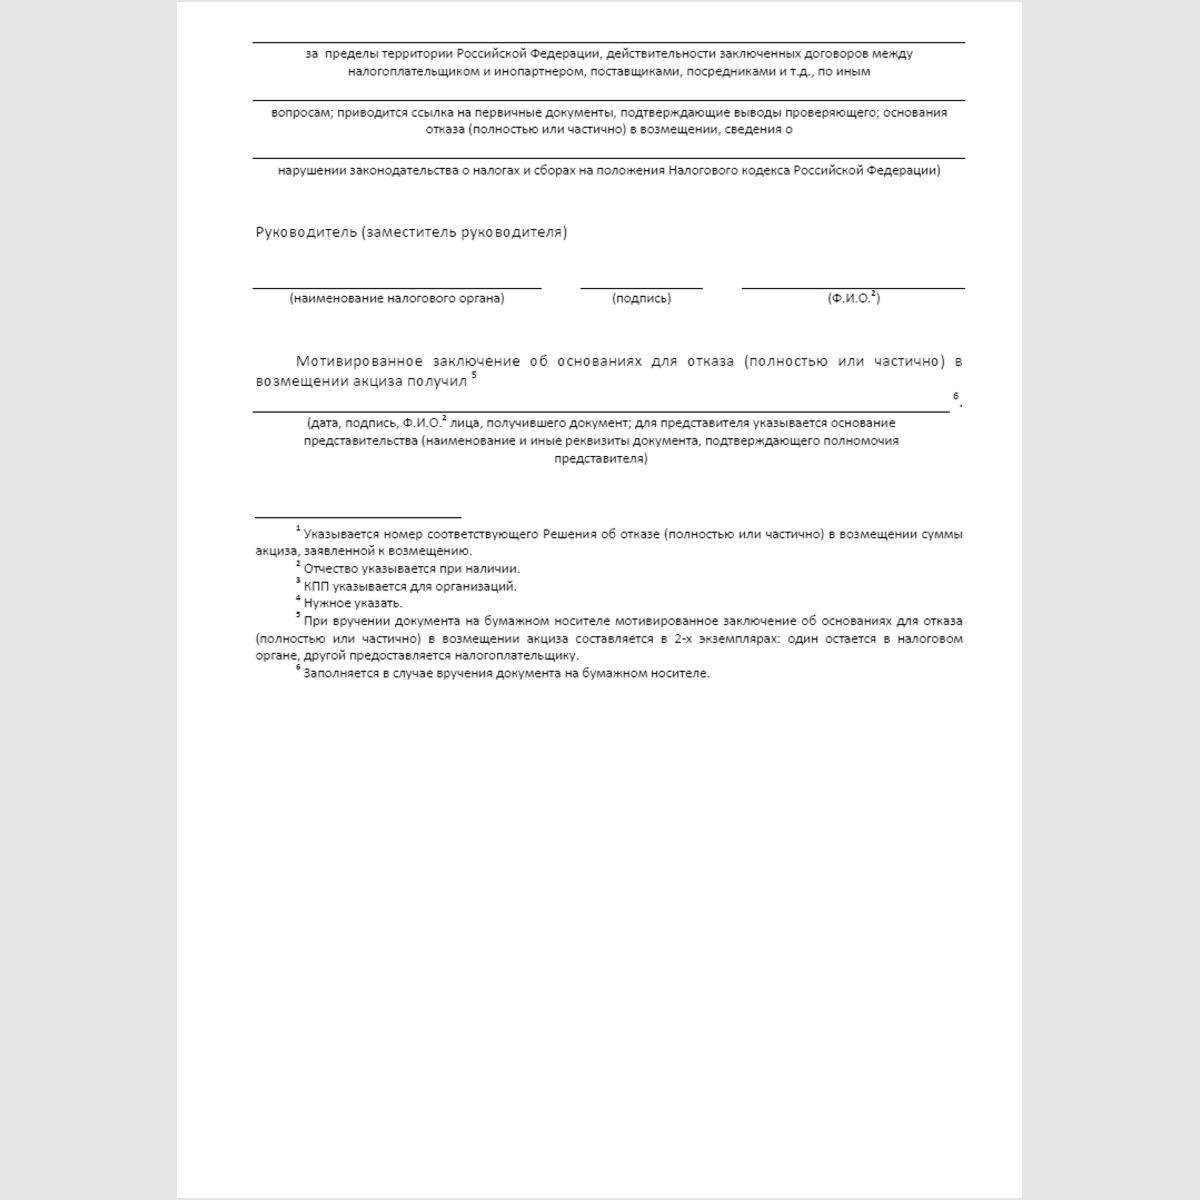 """Форма КНД 1165008 """"Мотивированное заключение об основаниях для отказа (полностью или частично) в возмещении акциза"""". Стр. 2"""